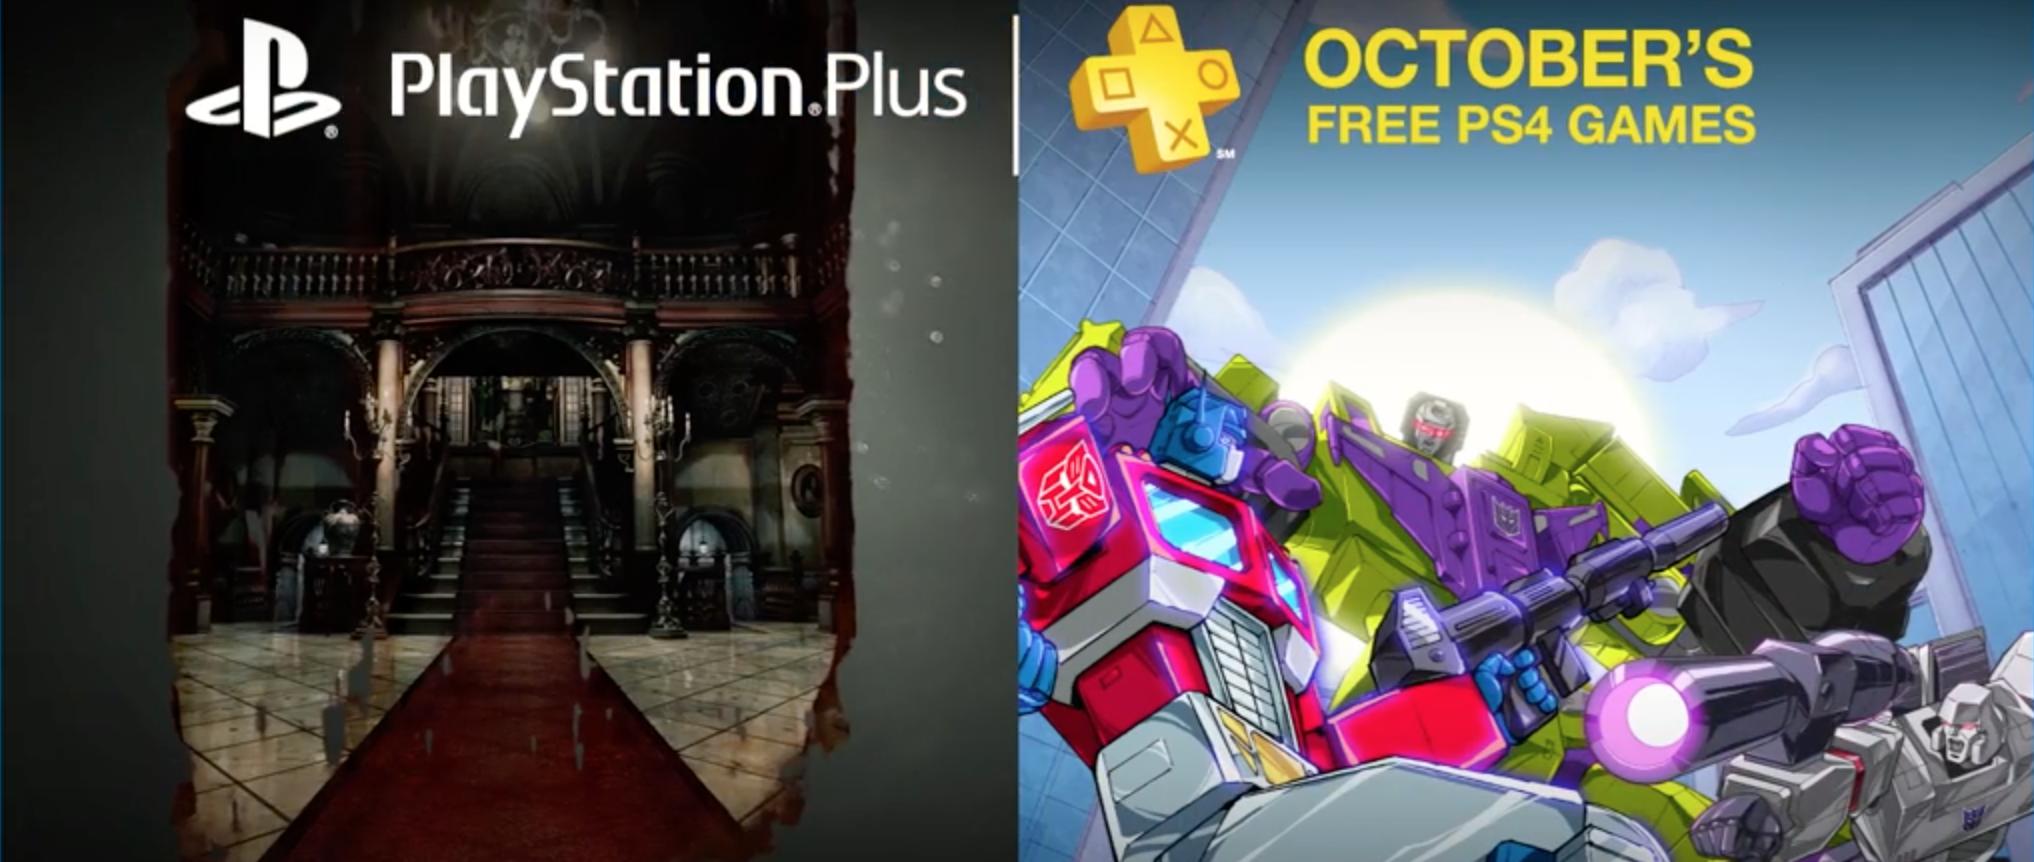 Gry w PlayStation Plus na październik 2016 to najlepsze tytuły od czasu premiery PS4!